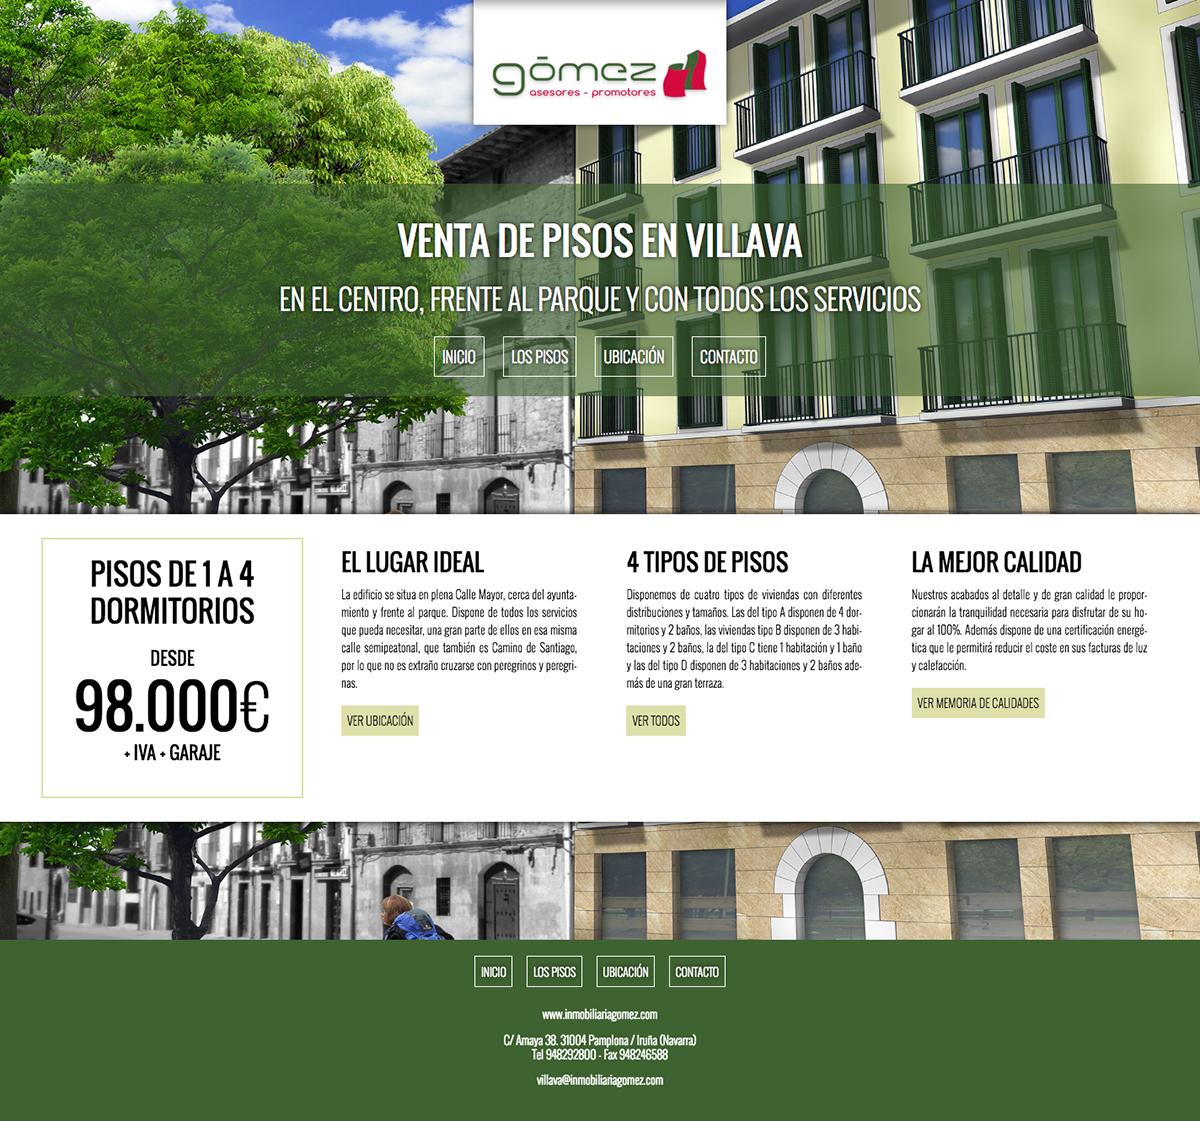 Microsite para la promoción de viviendas de Inmobiliaria Gomez